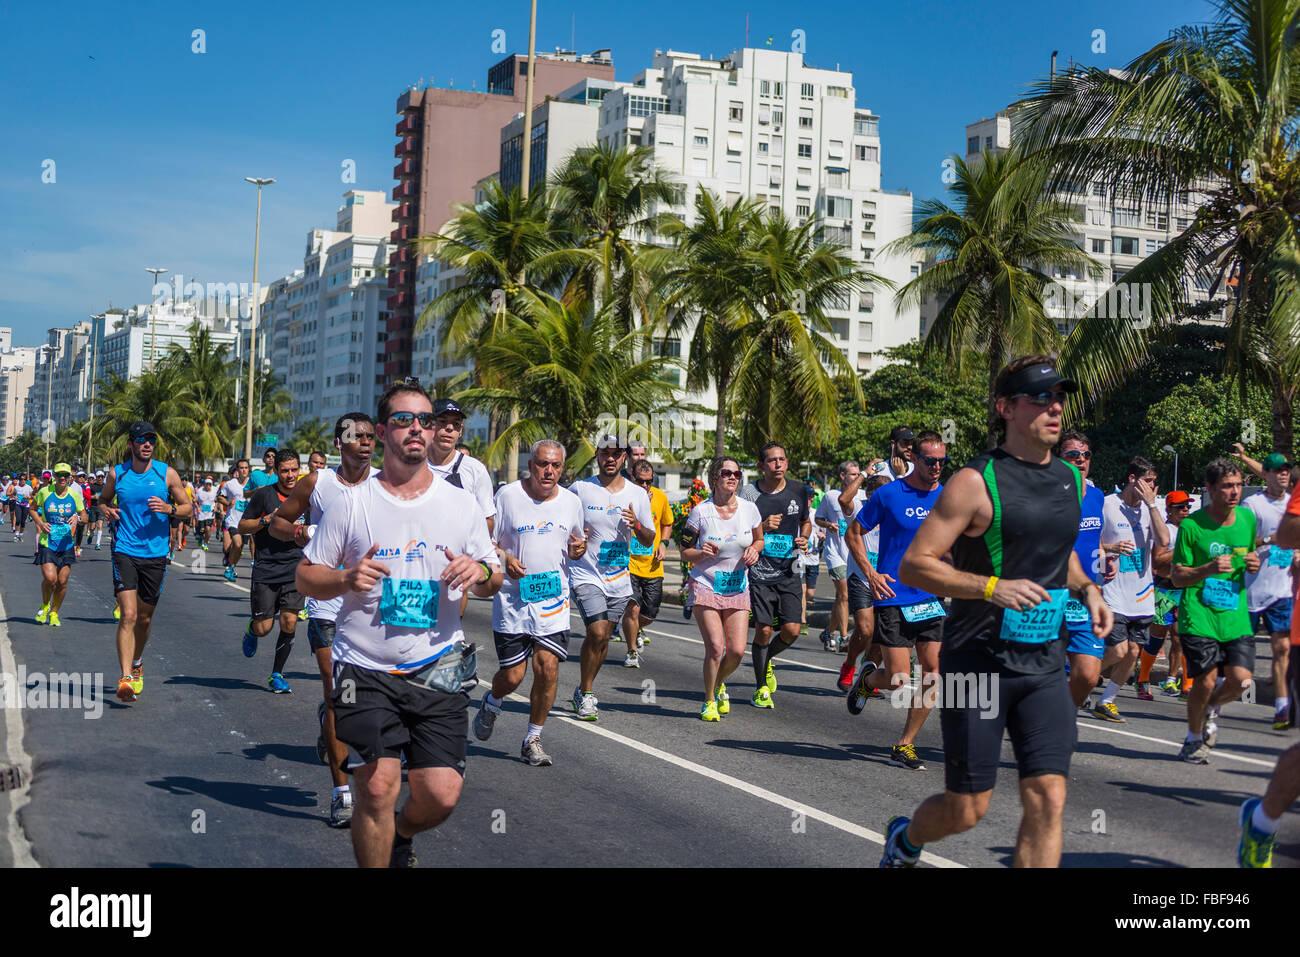 Août 2015 Le semi-marathon en passant par Copacabana, Rio de Janeiro, Brésil Photo Stock